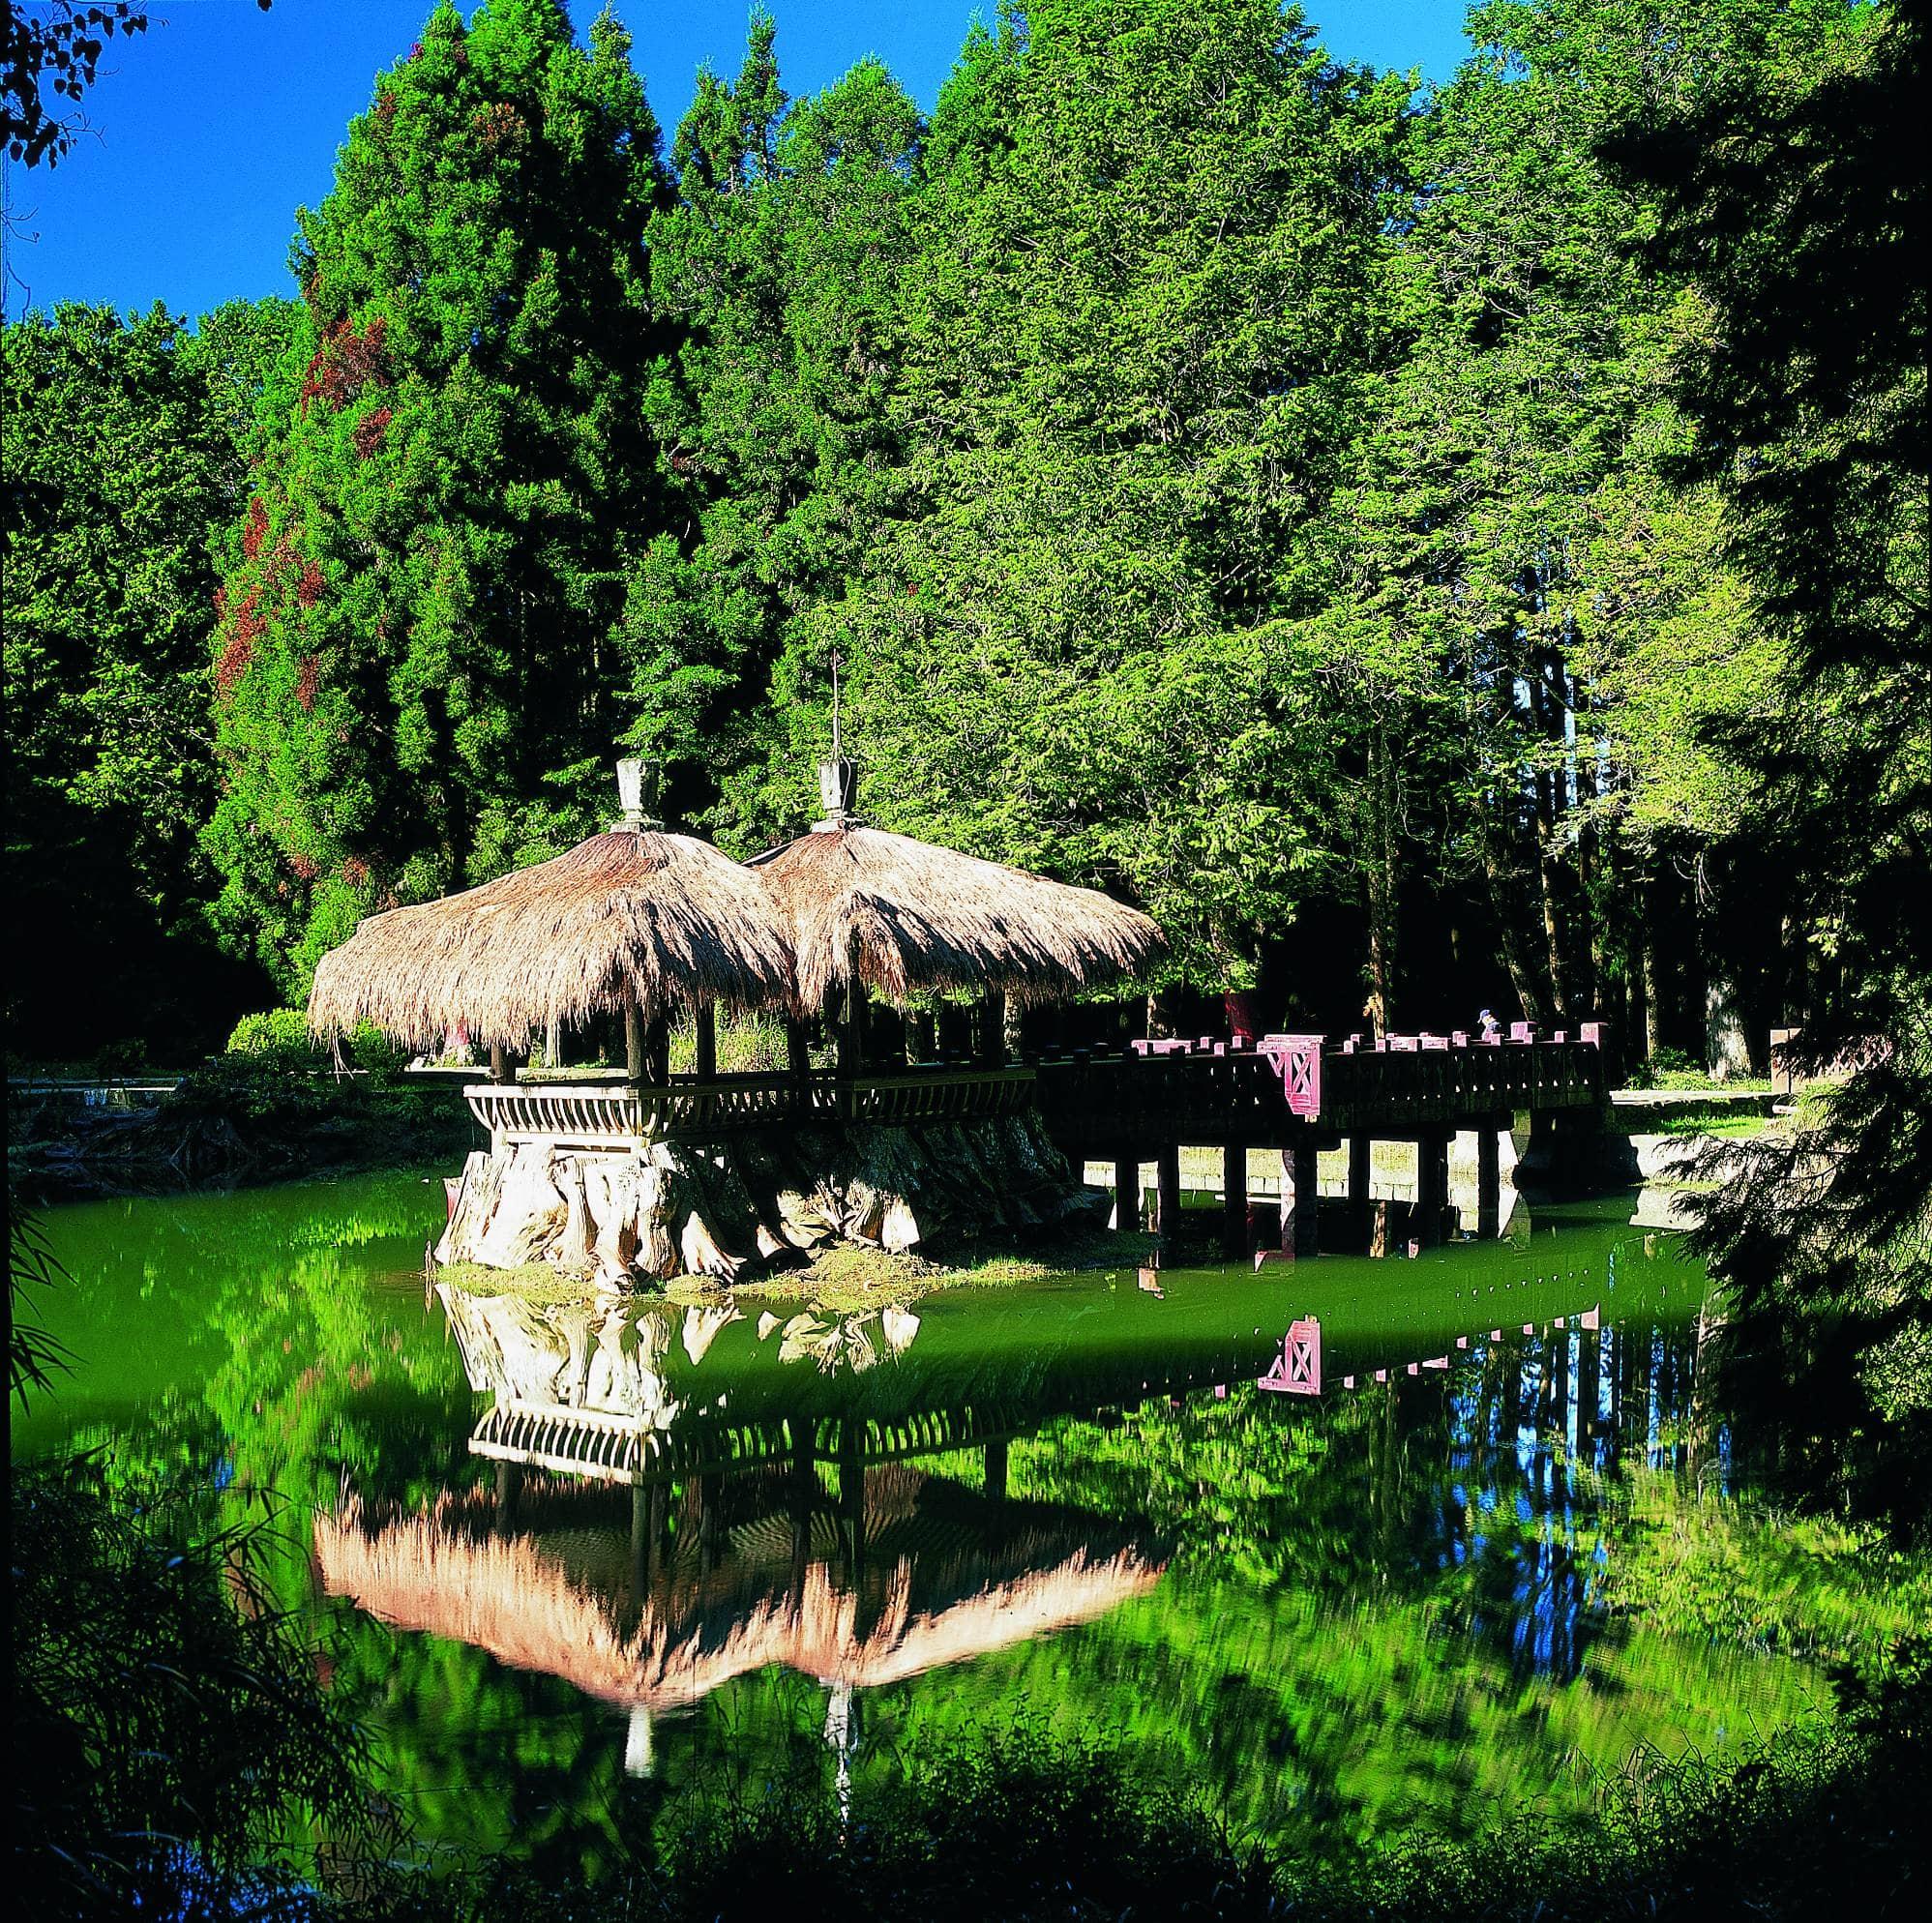 姊妹潭中央設有兩座相思亭,潭水清澈宛若明鏡。圖/阿里山國家風景區